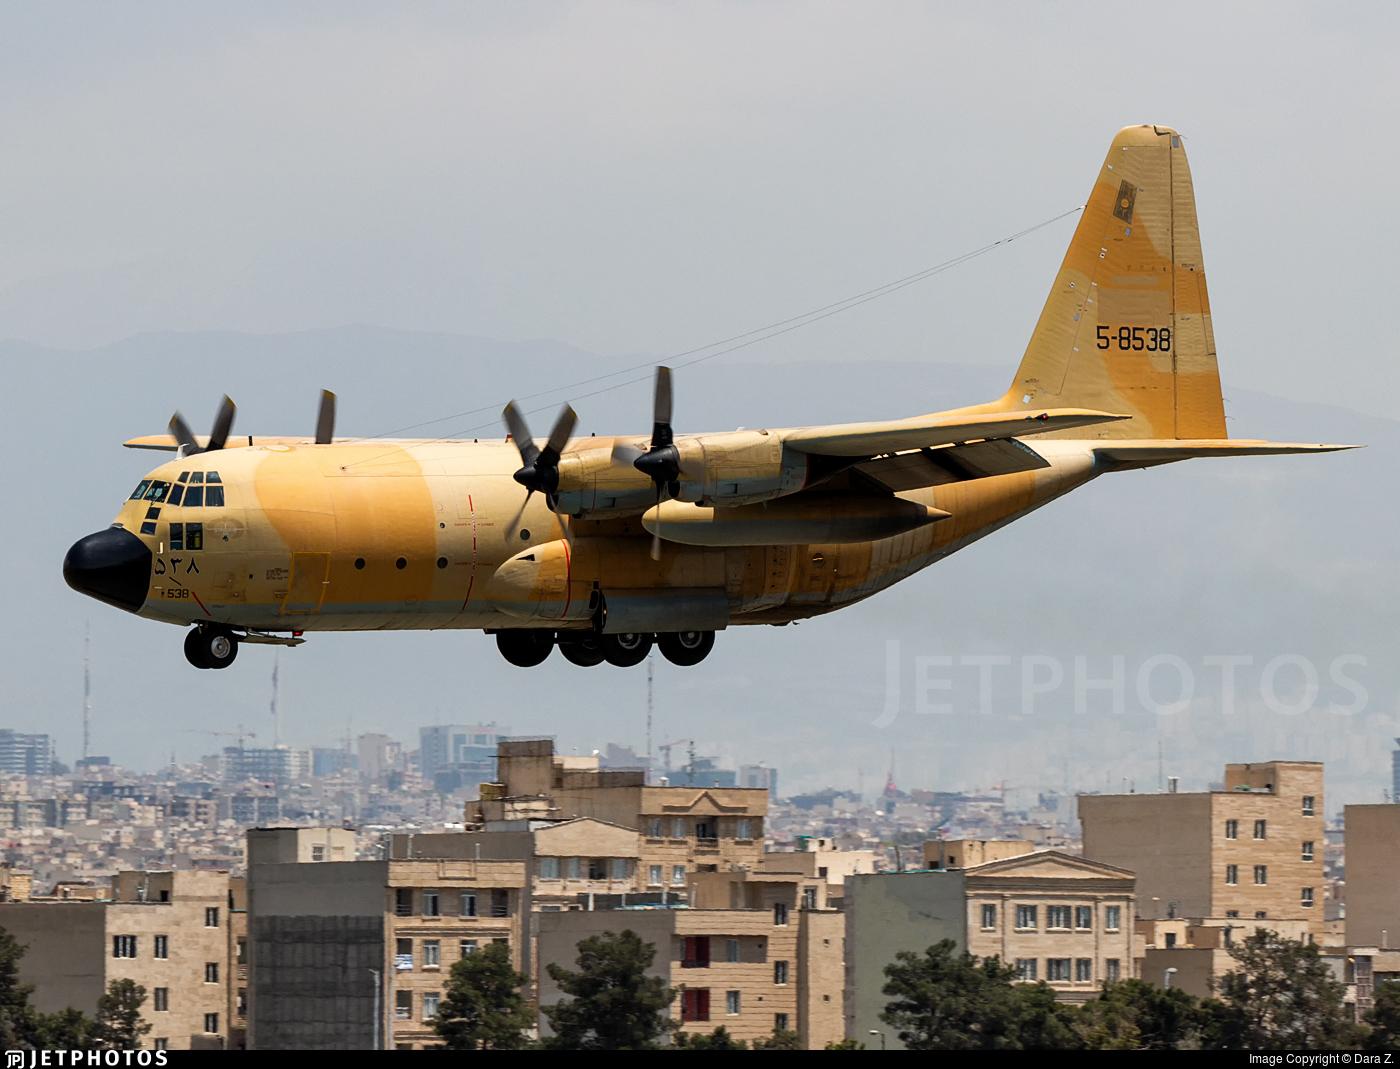 5-8538 - Lockheed C-130H Hercules - Iran - Air Force